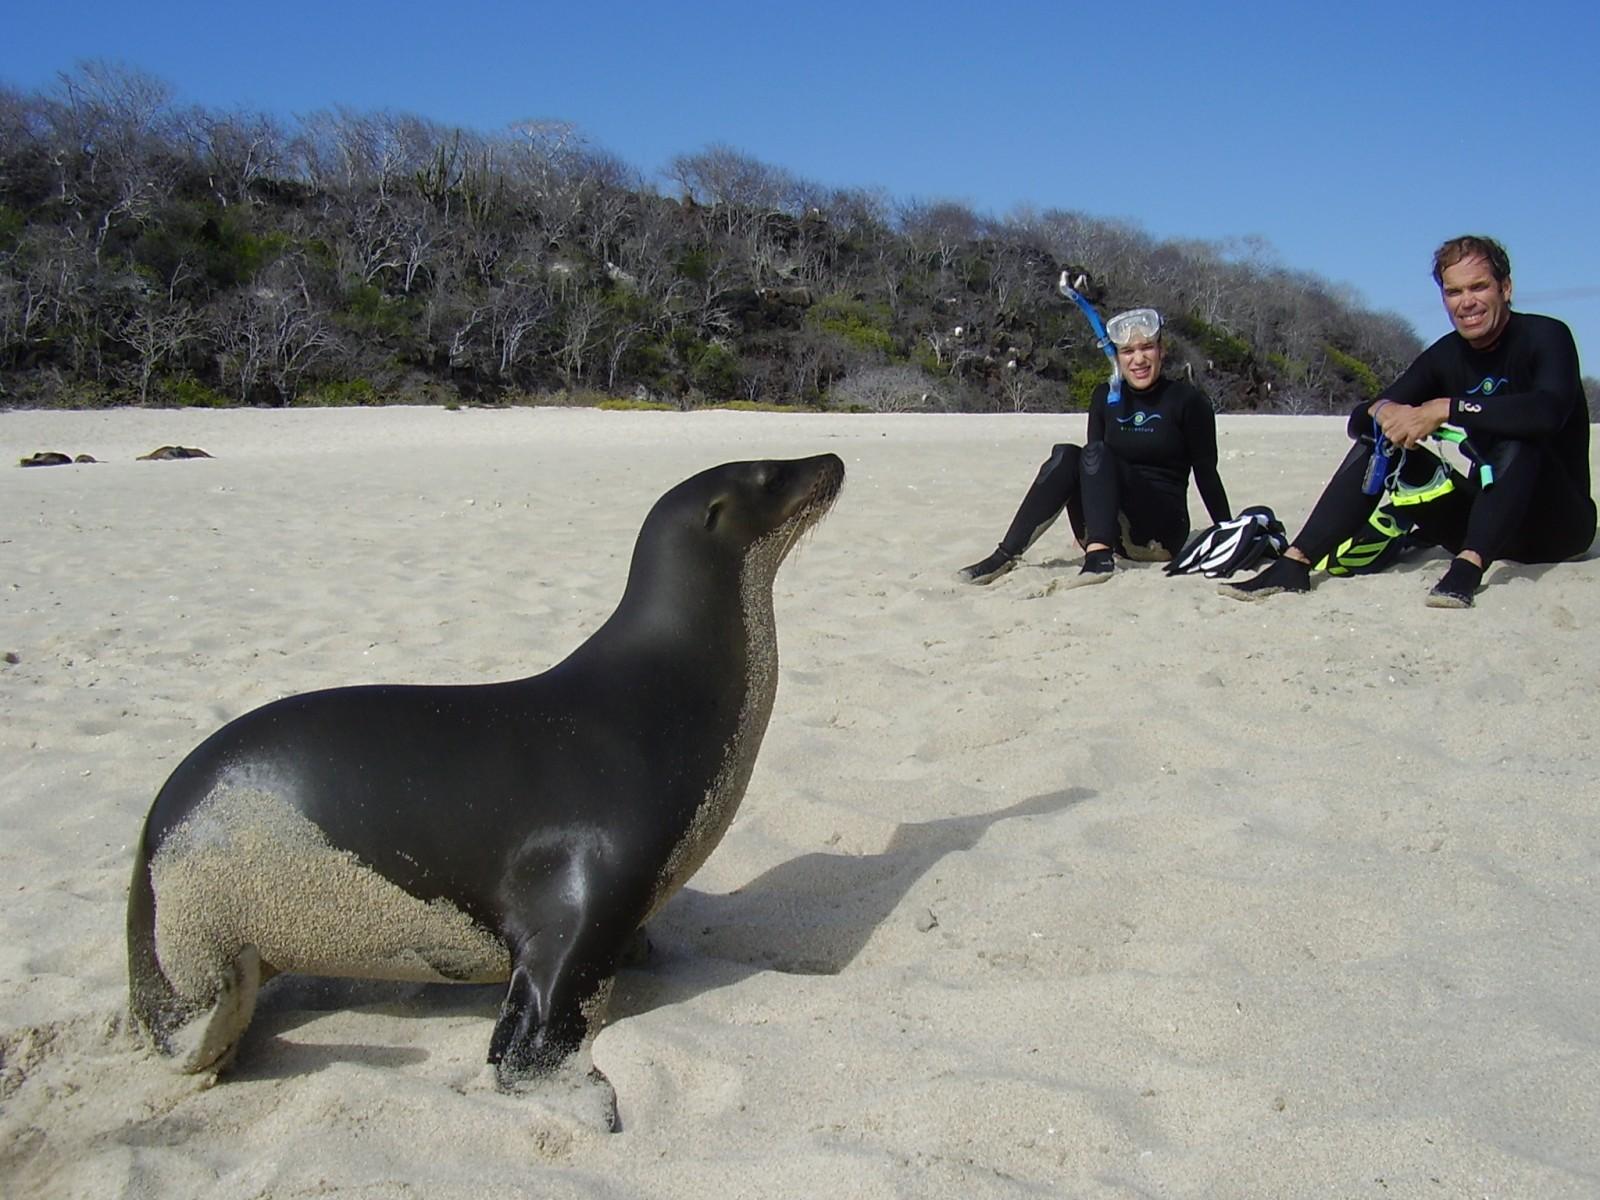 ecu16-wildlife-watching-in-the-galapagos-jl-free